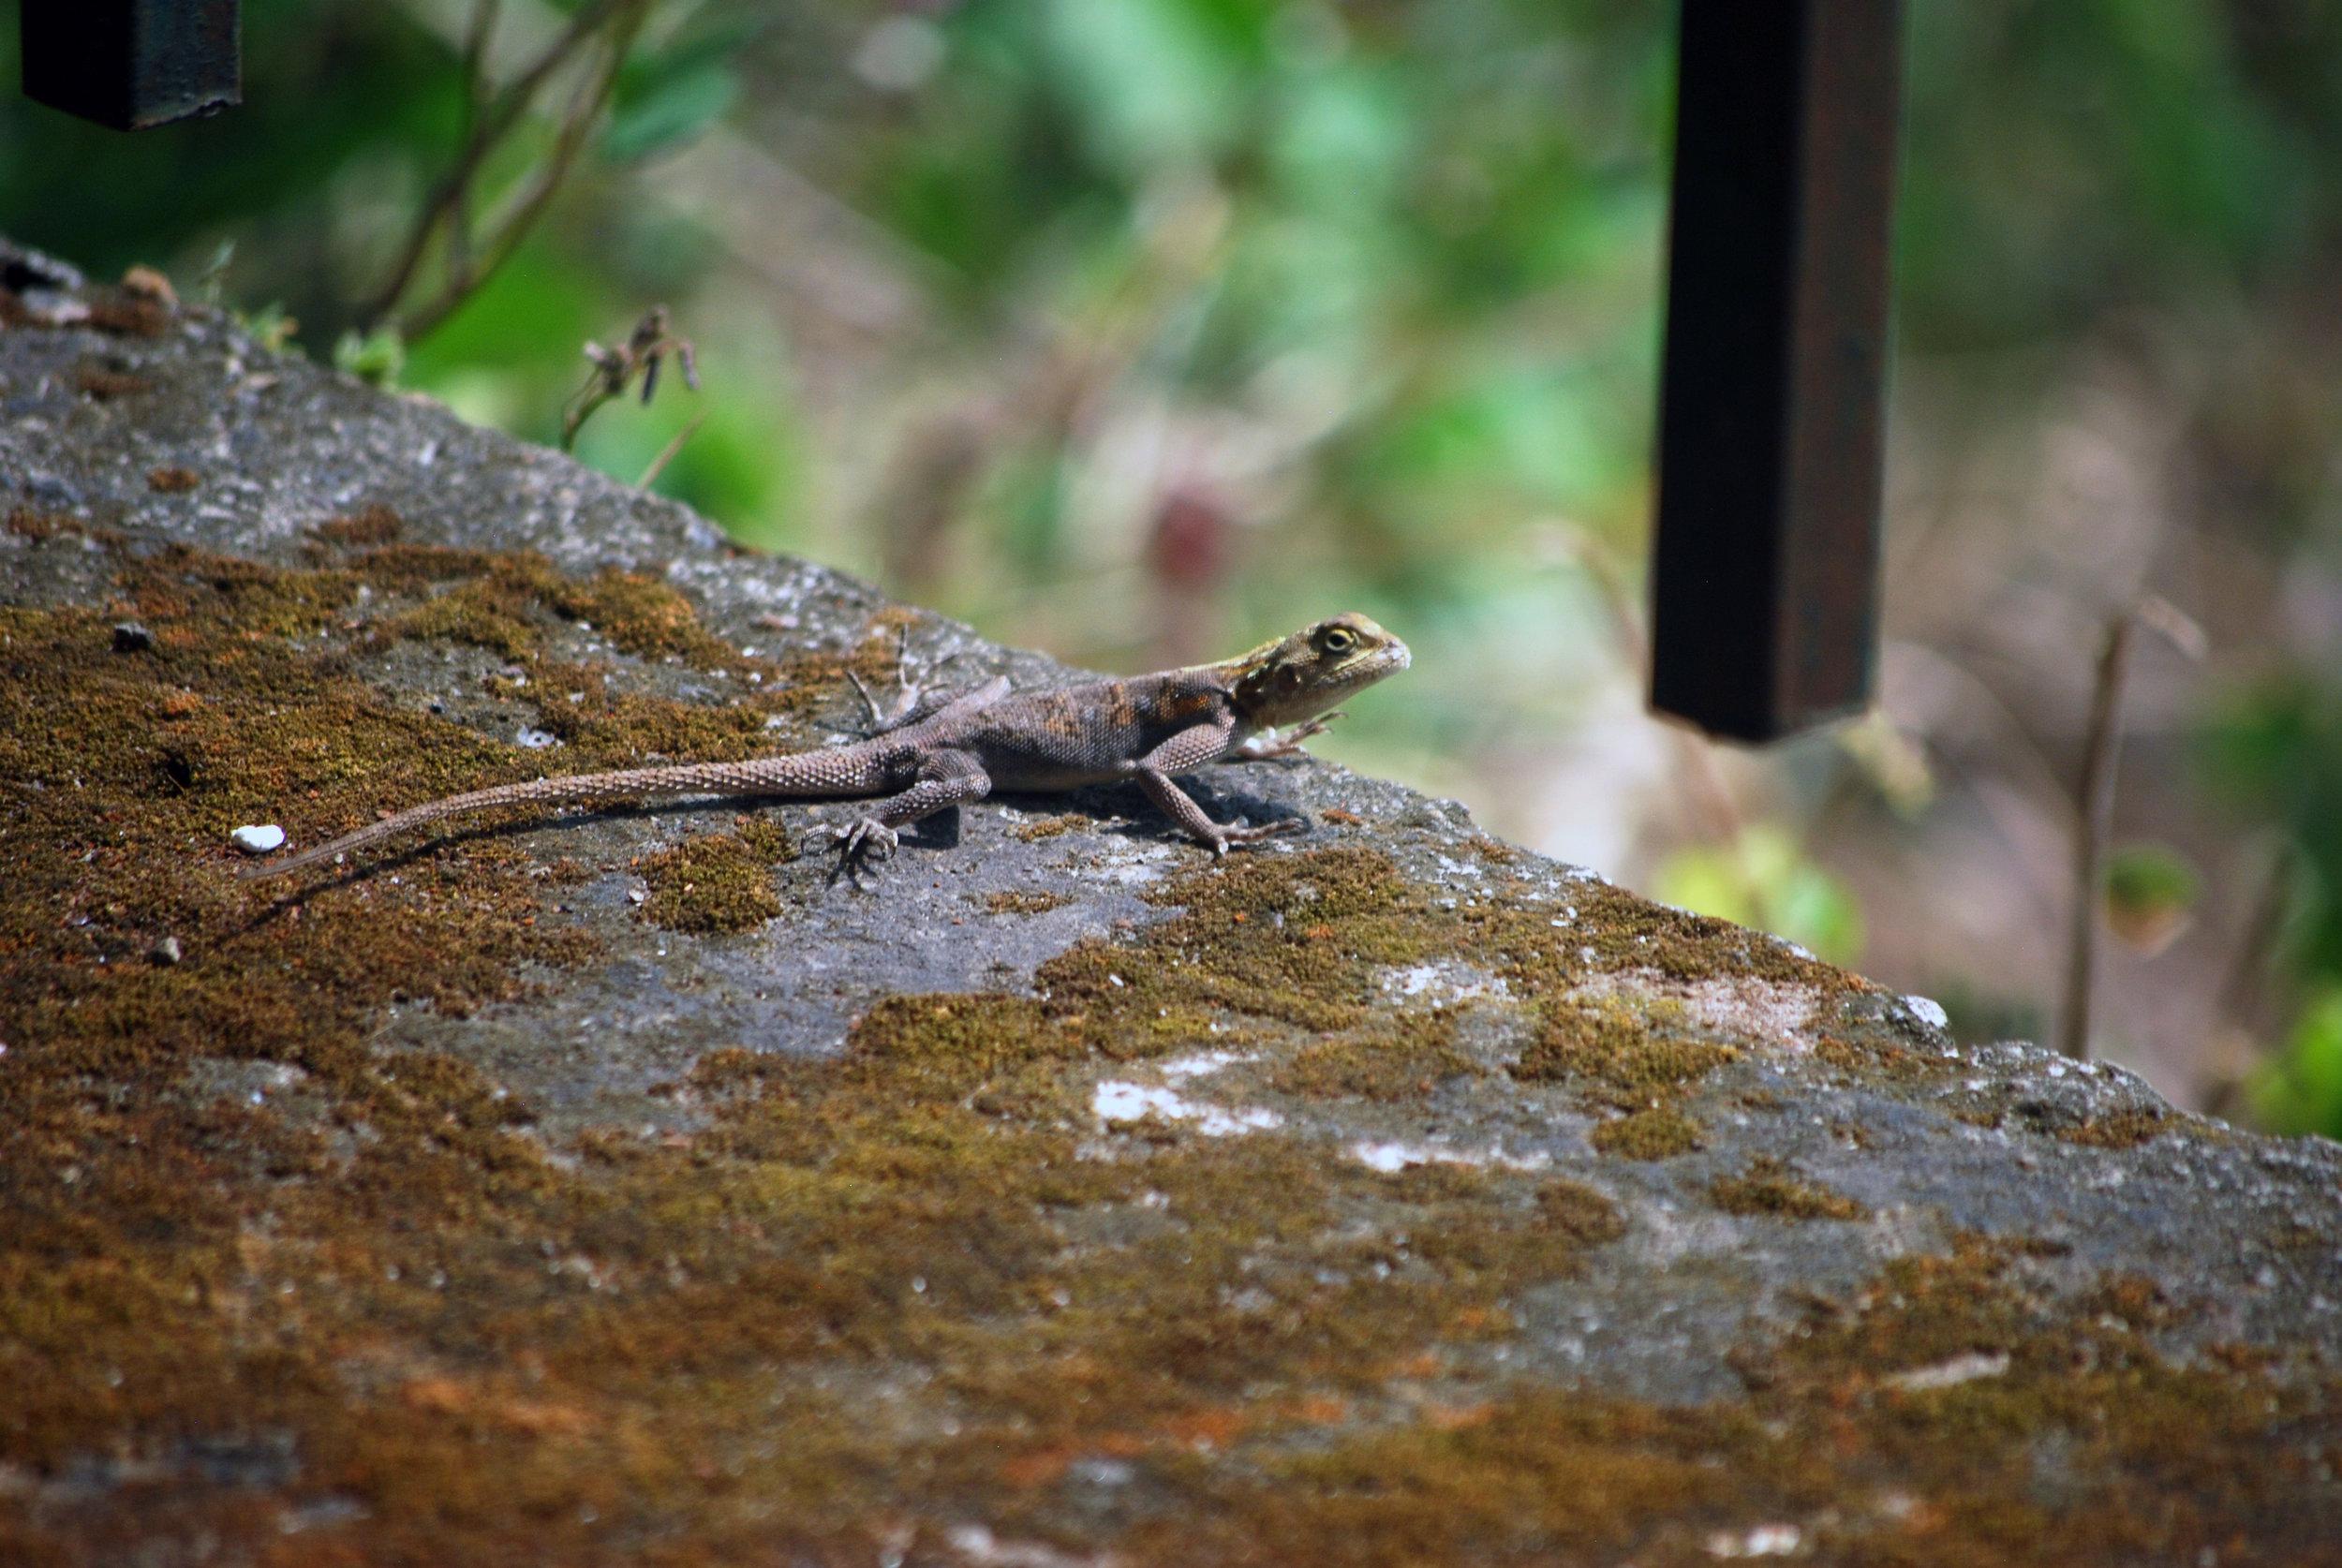 A Benoue agama near Boali Falls.